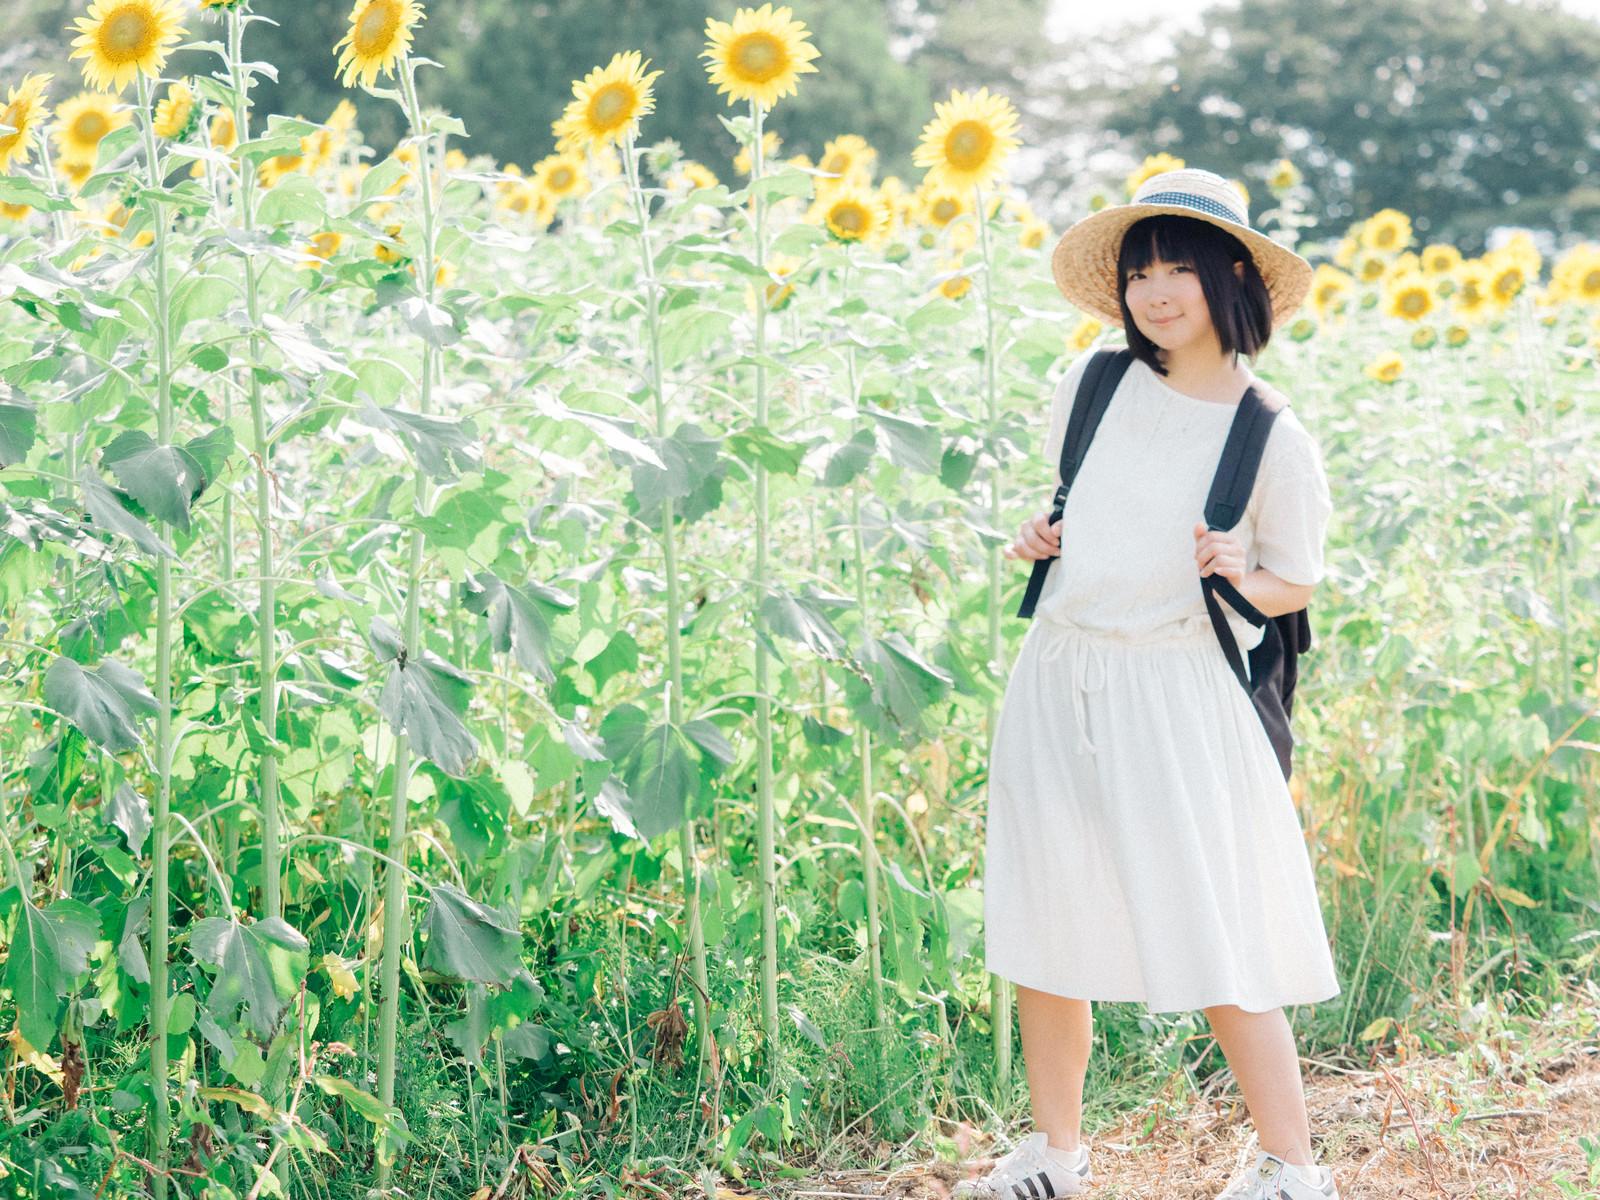 8月24日(2-2) 日本のことを1分間英語で話してみる